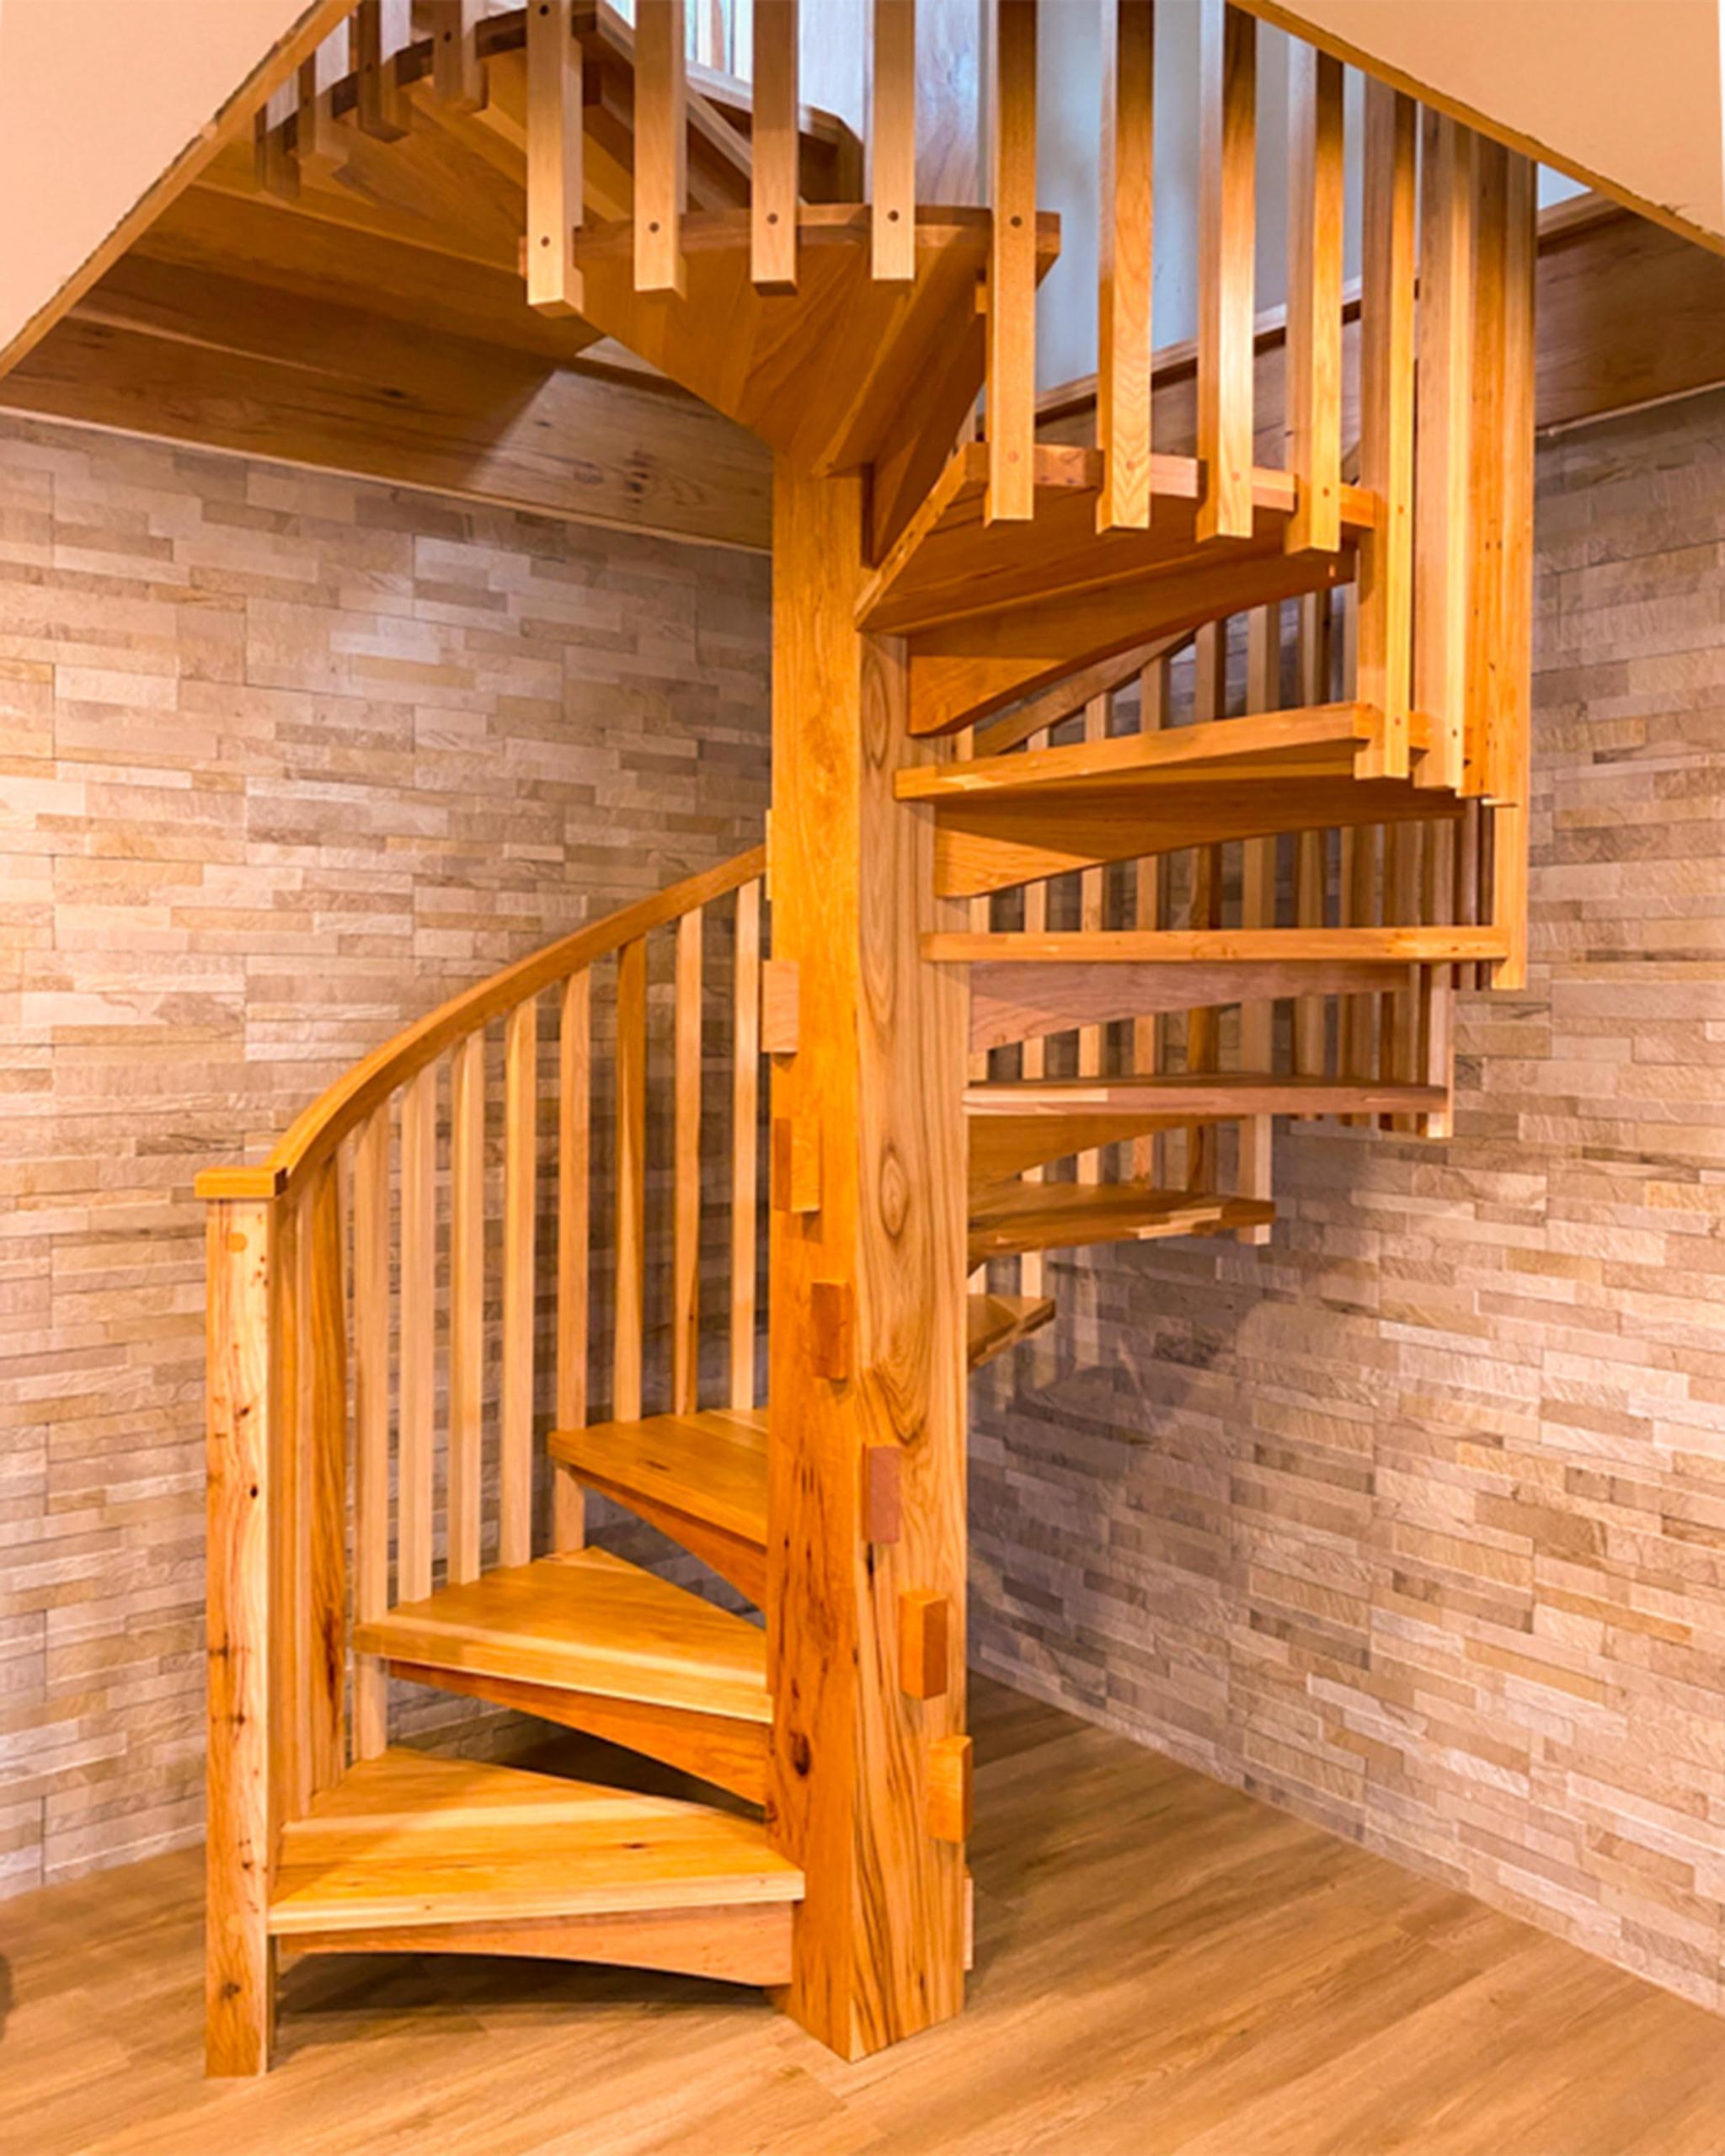 28 - Best Spiral Stairway